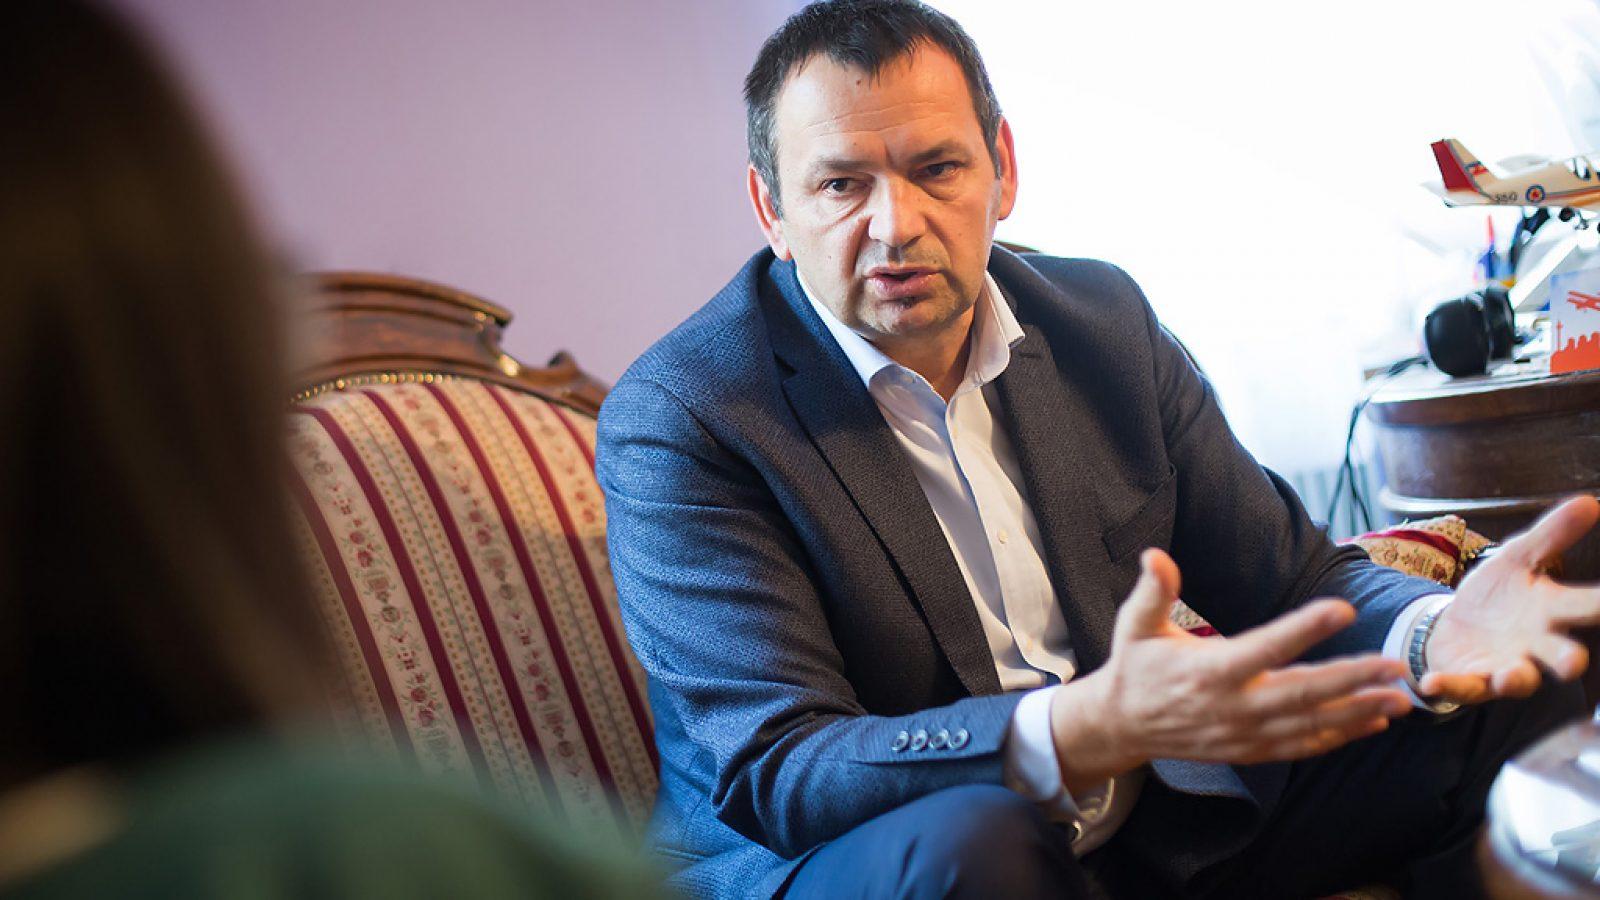 [INTERVJU] Generalni sekretar Vazduhoplovnog saveza Srbije, Željko Ovuka:  Žao nam je što smo tužili Vojsku, ali branimo interese VSS-a